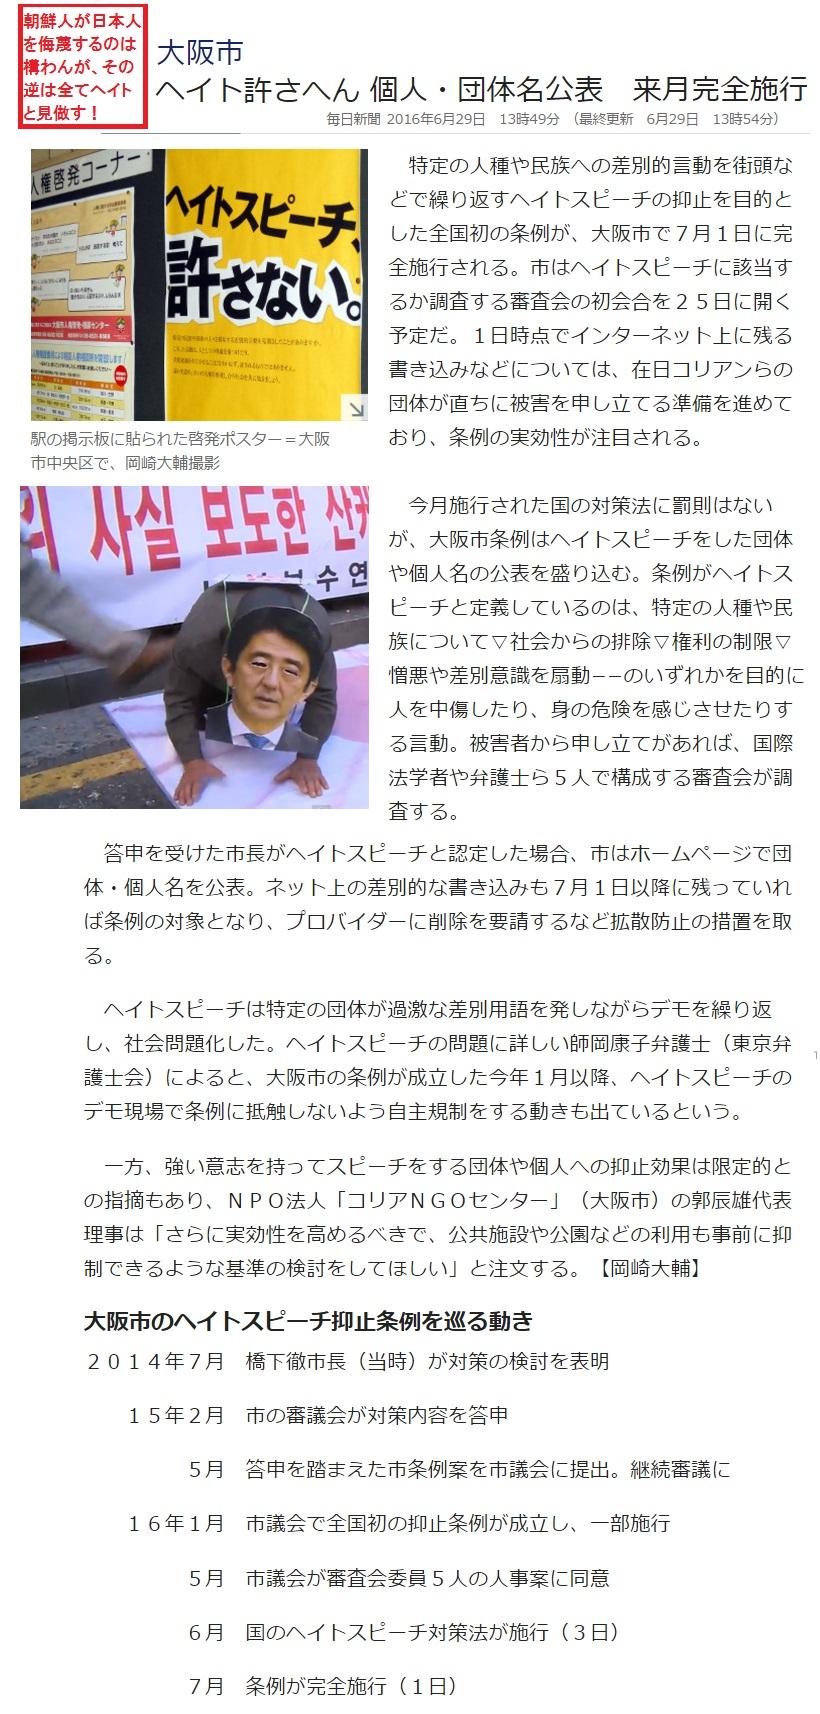 大阪市のチョンによる日本人弾圧